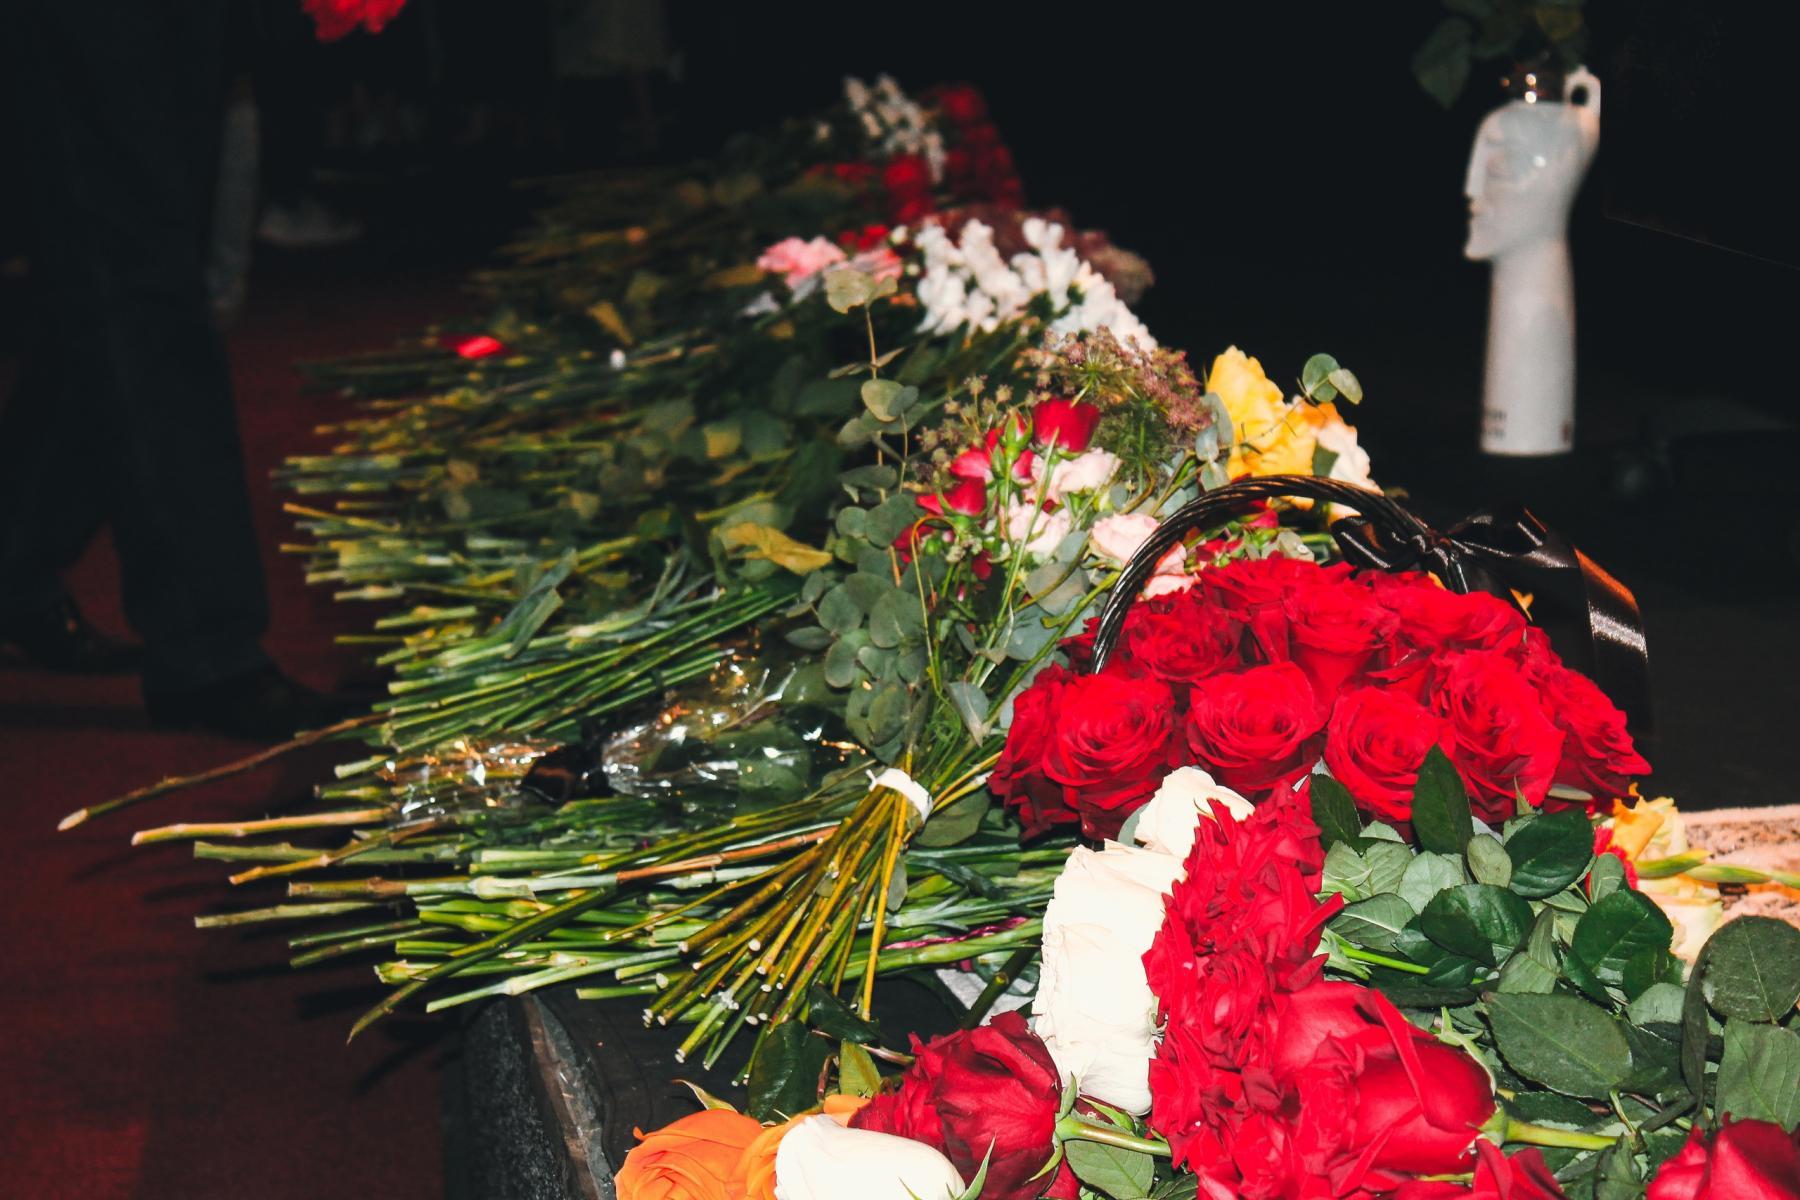 Фото Финальные аплодисменты: как новосибирцы простились с актёром театра «Глобус» Лаврентием Сорокиным (фоторепортаж) 5